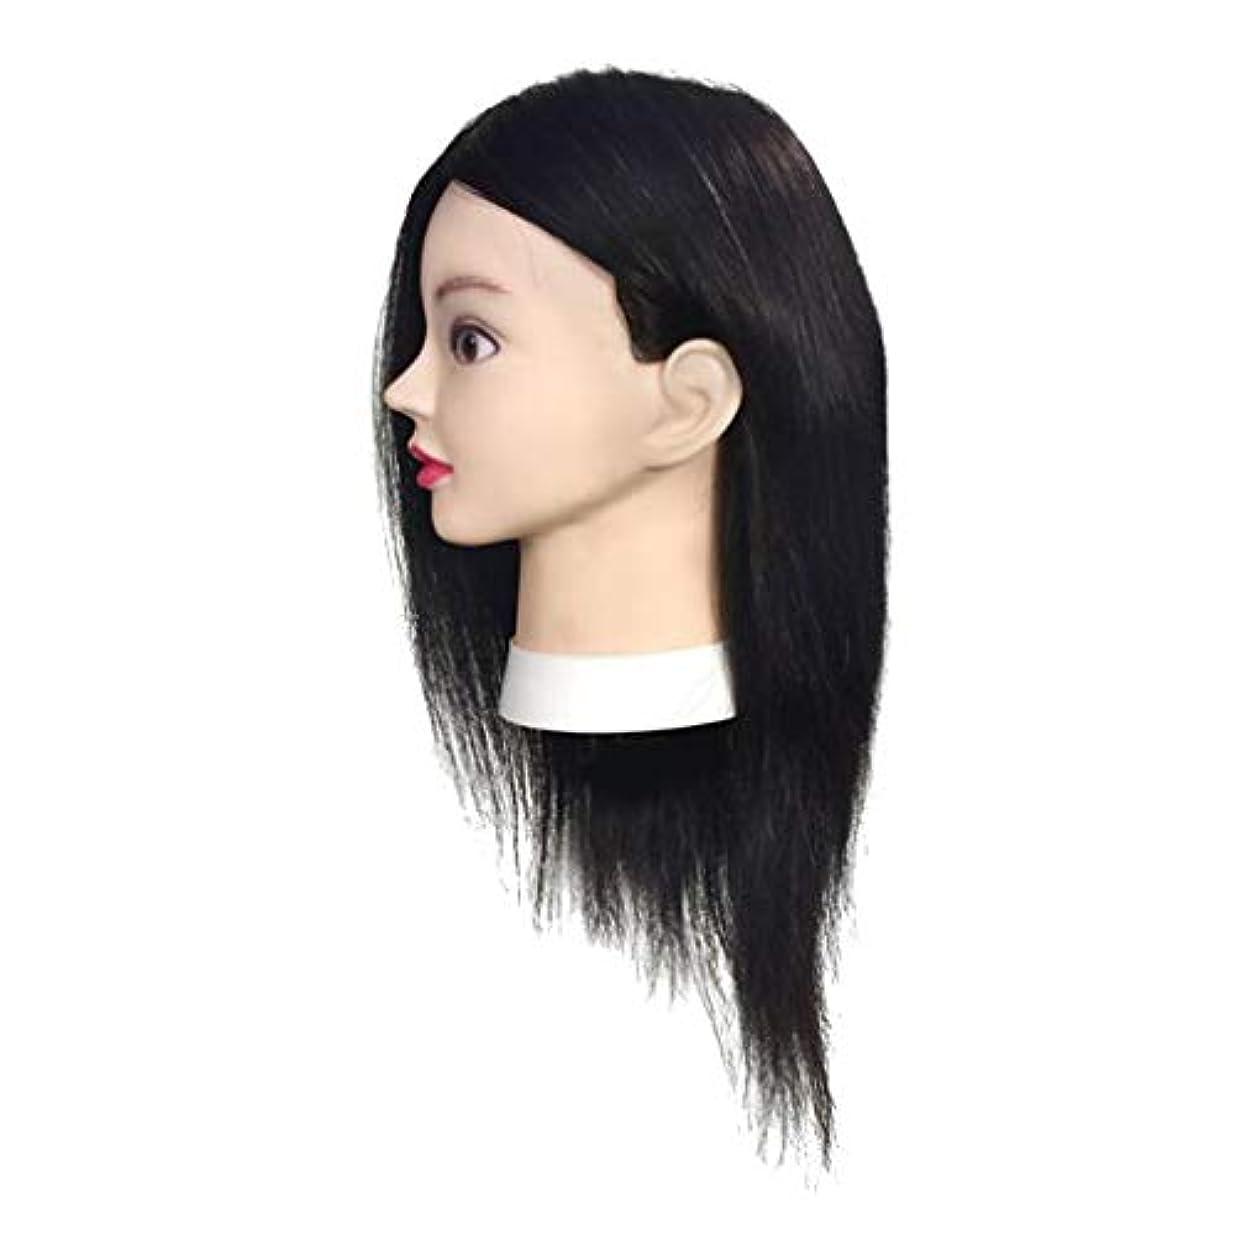 め言葉オーナー武器CUTICATE マネキンヘッド ウィッグ 編み込み練習用 練習用 美容師 理髪店 美容院 サロン